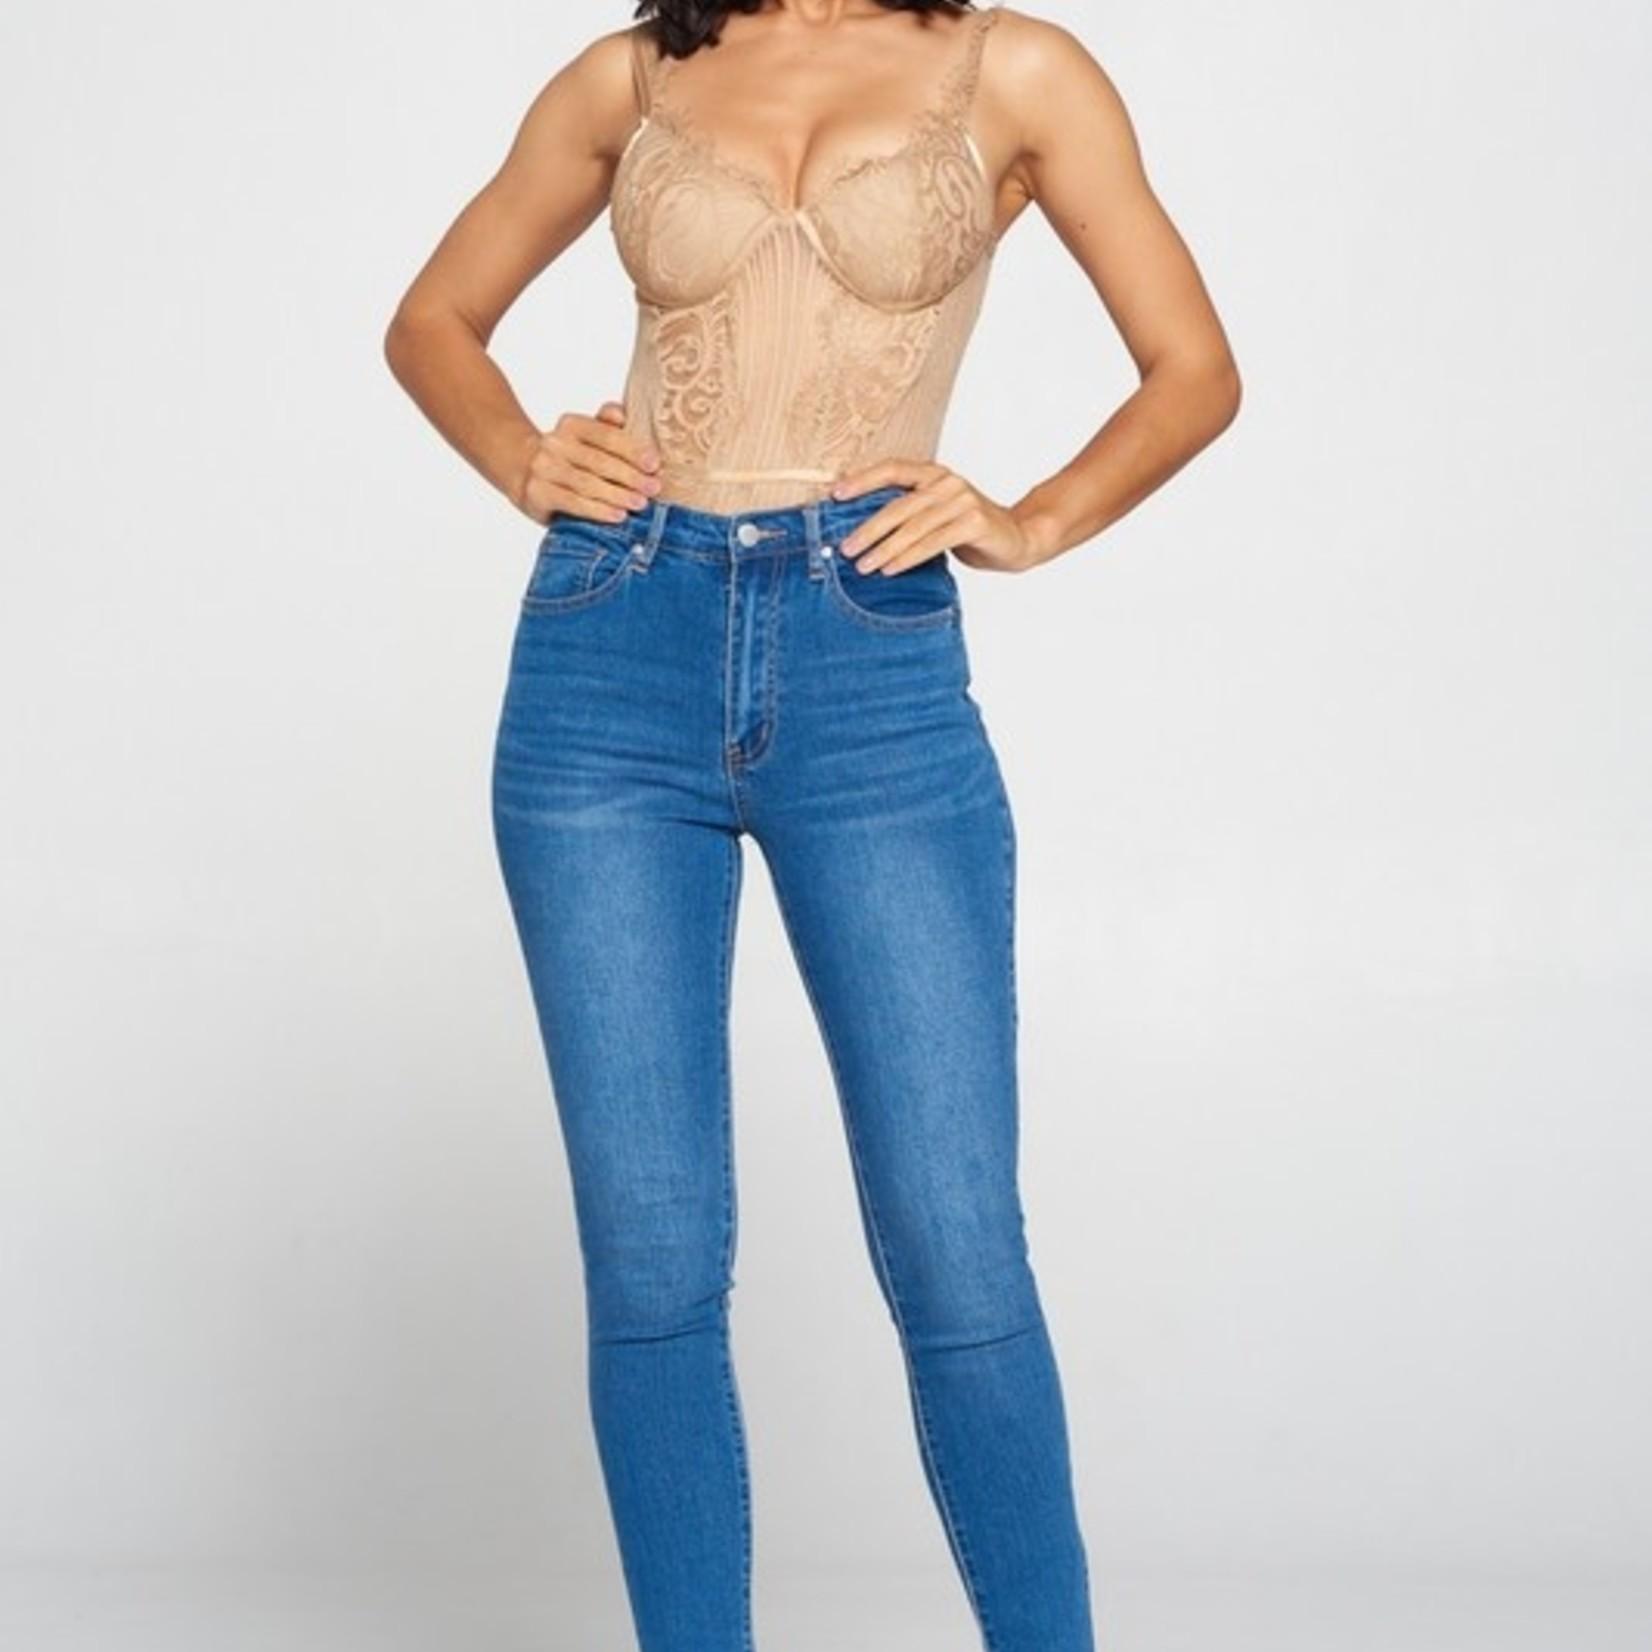 Clarissa sparkle lace open back bodysuit